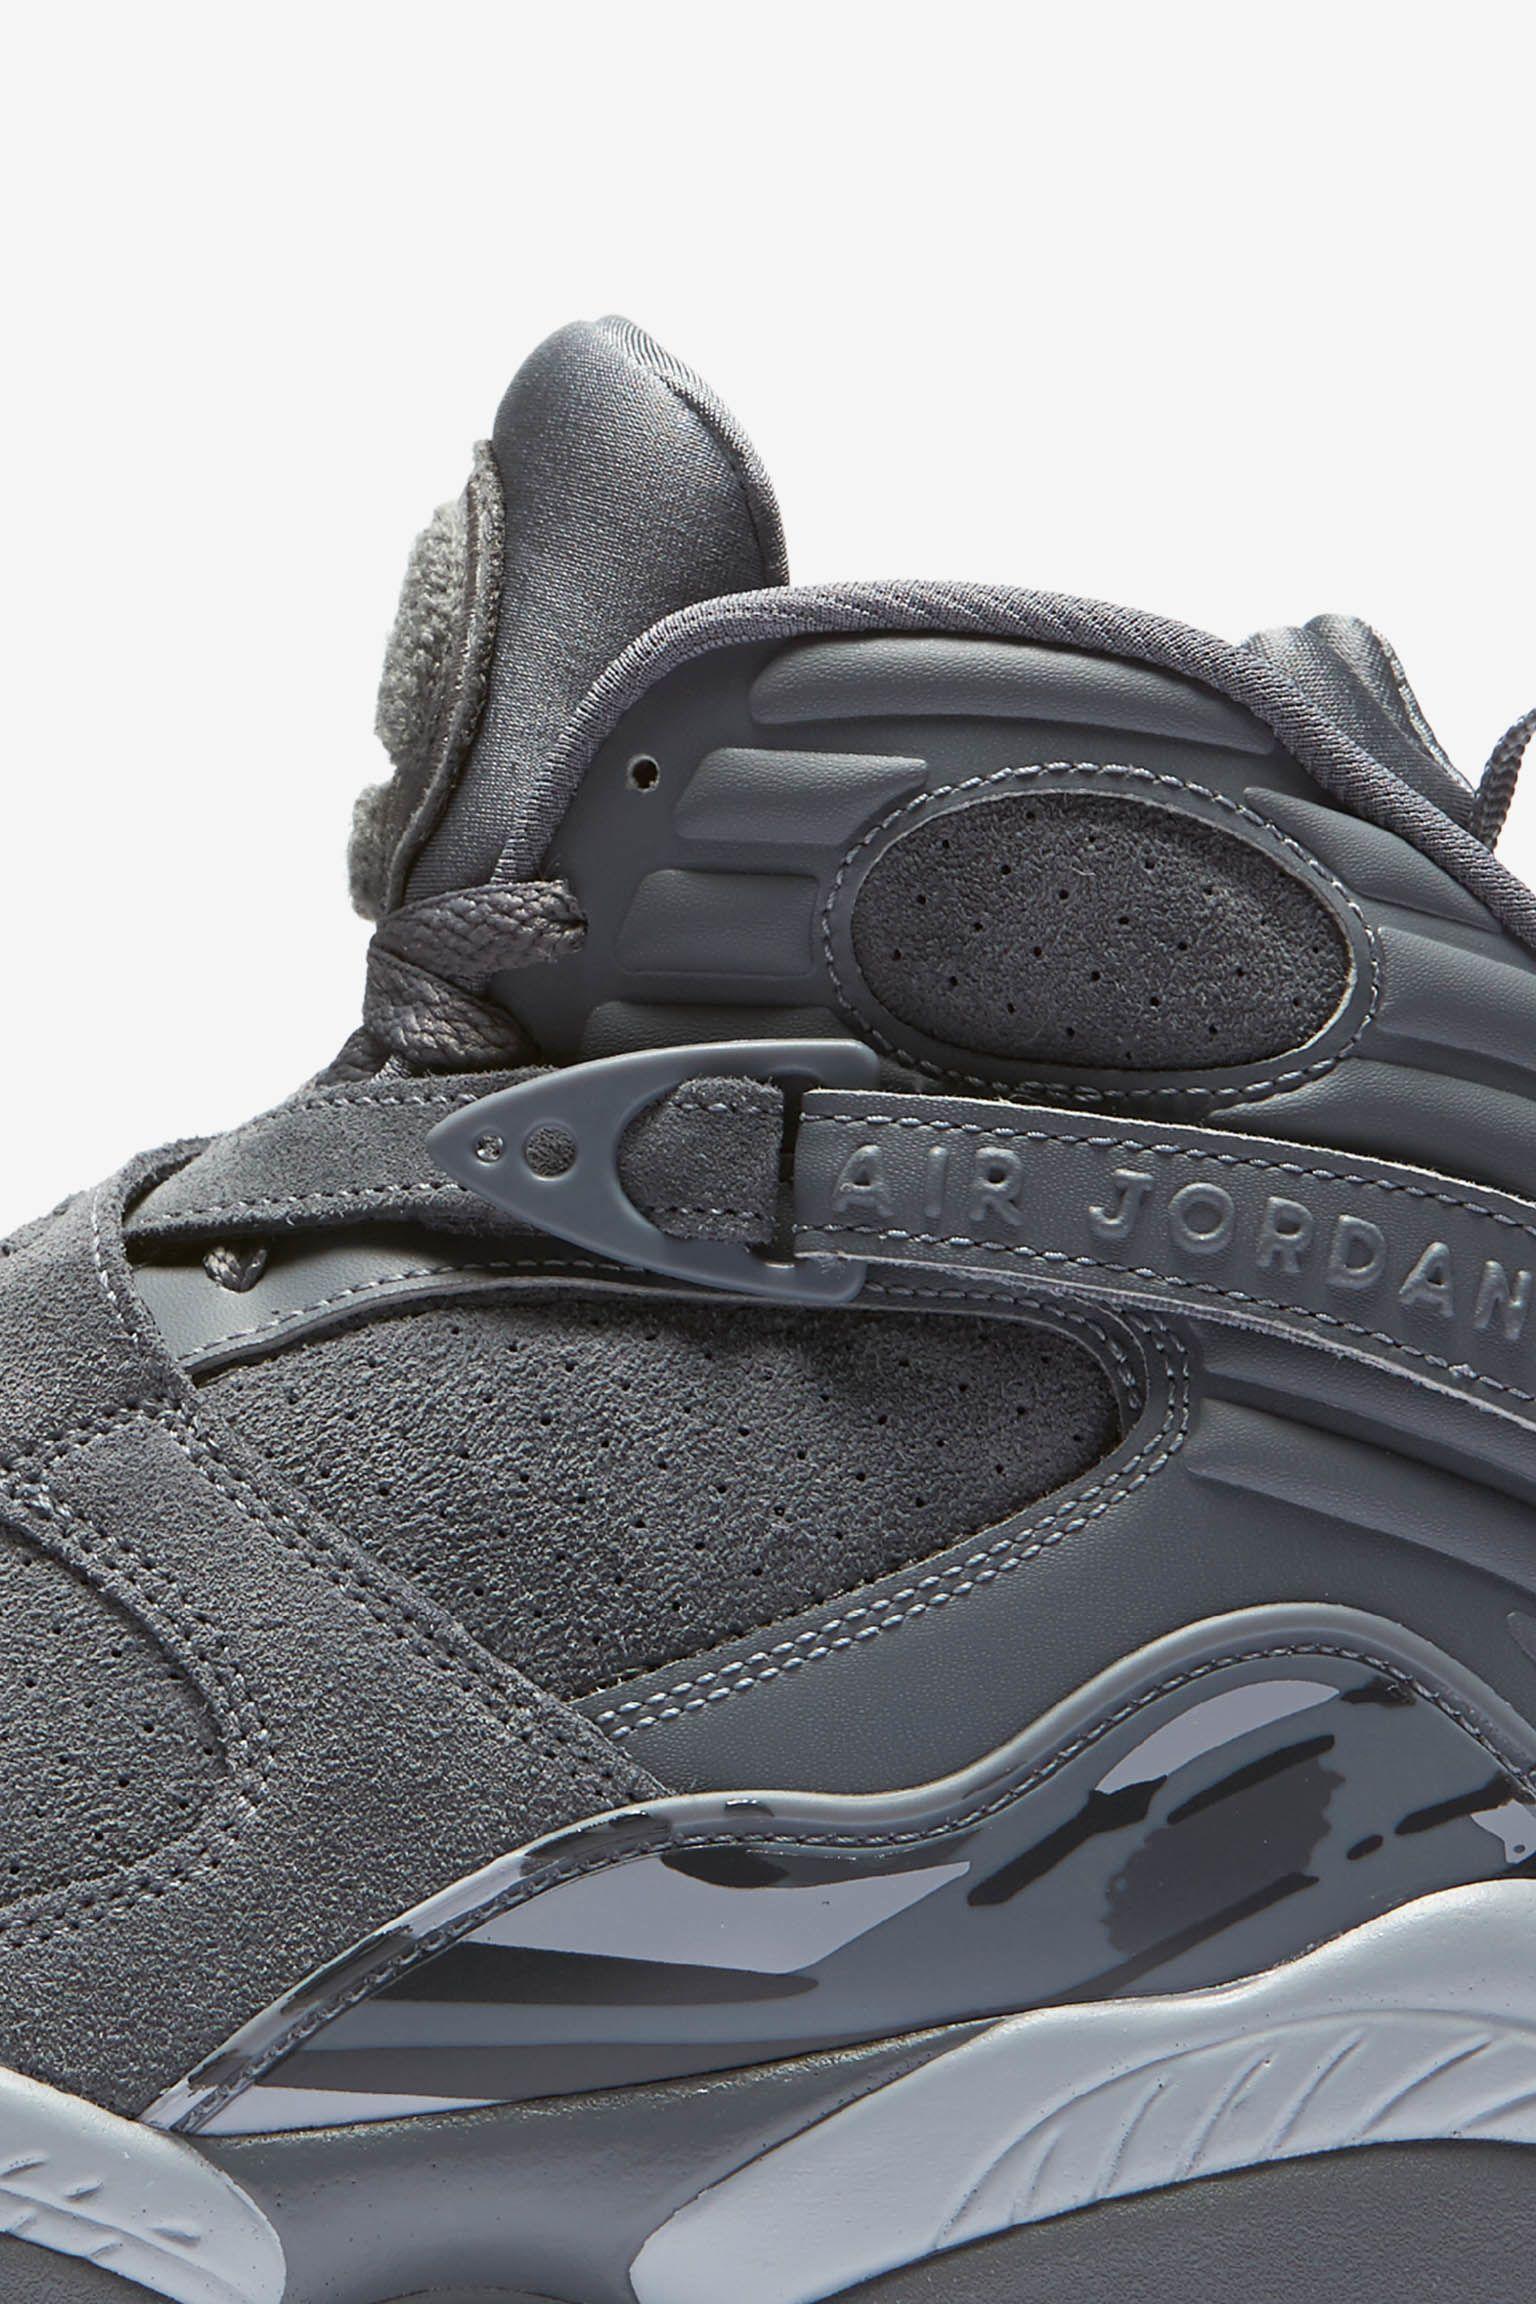 wholesale dealer a27af e9063 ... shop air jordan 8 retro cool grey release date 829d5 df56c